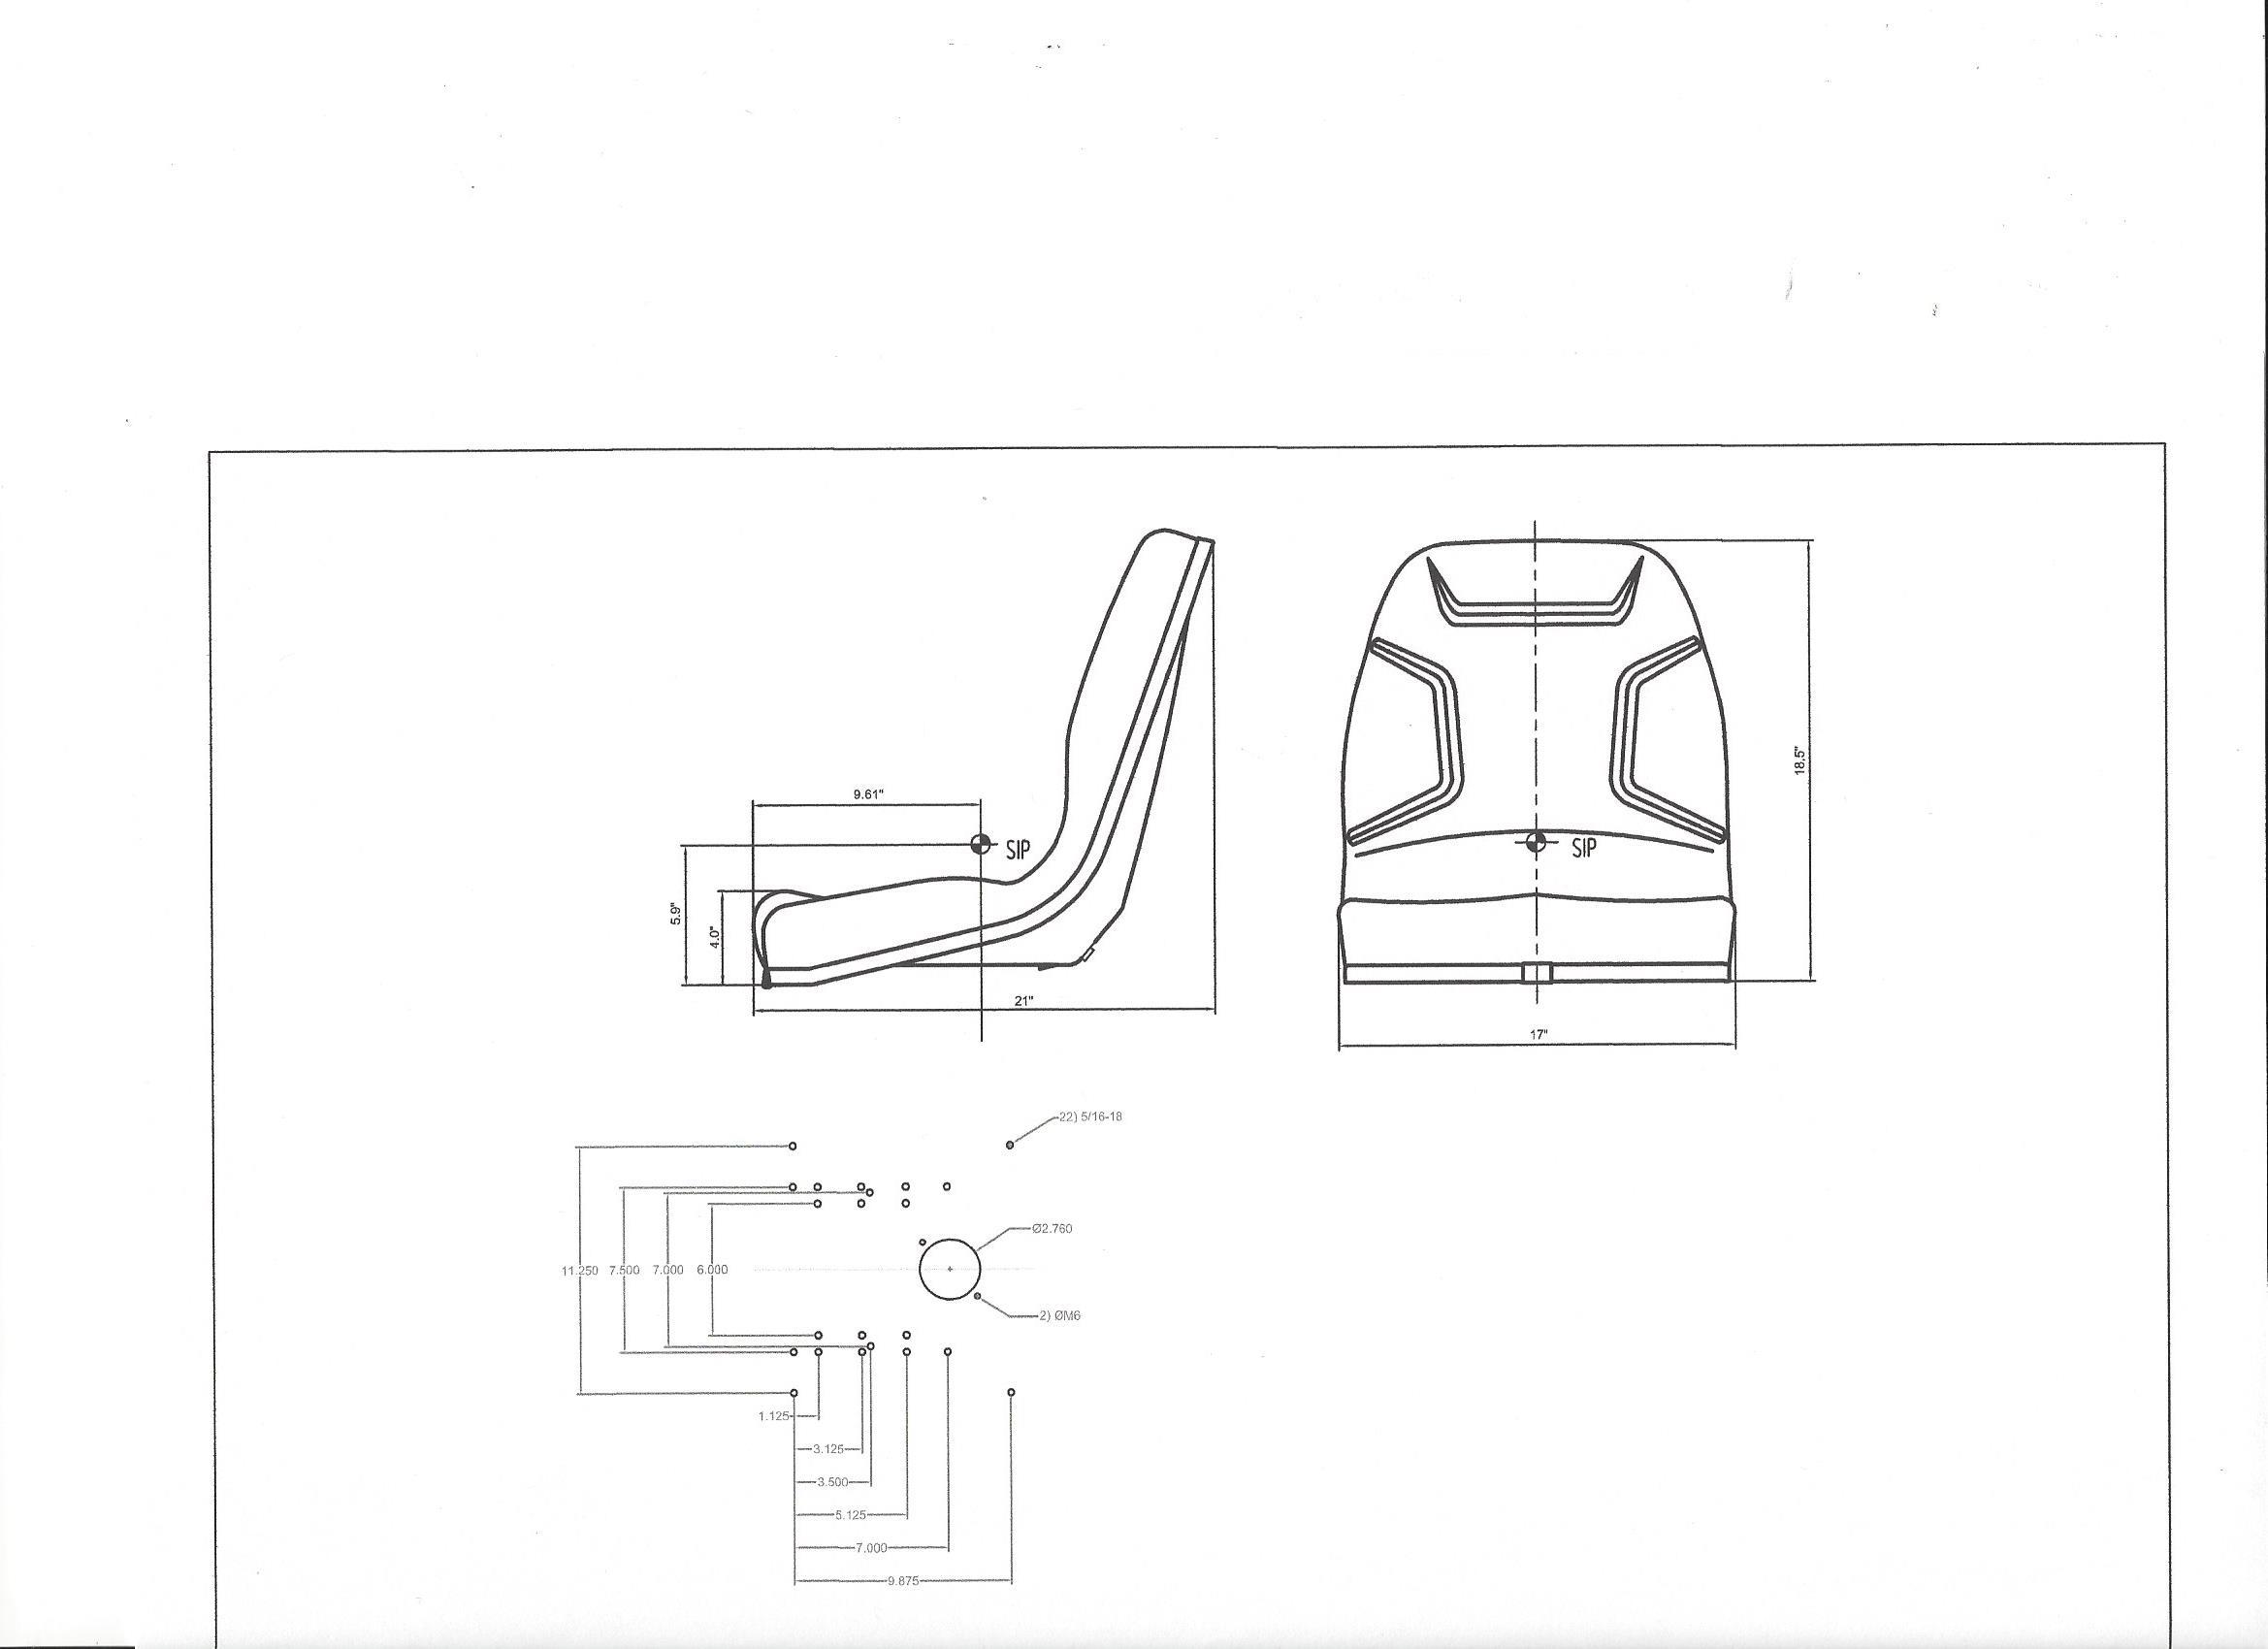 Kubota M9000 Wiring Diagram